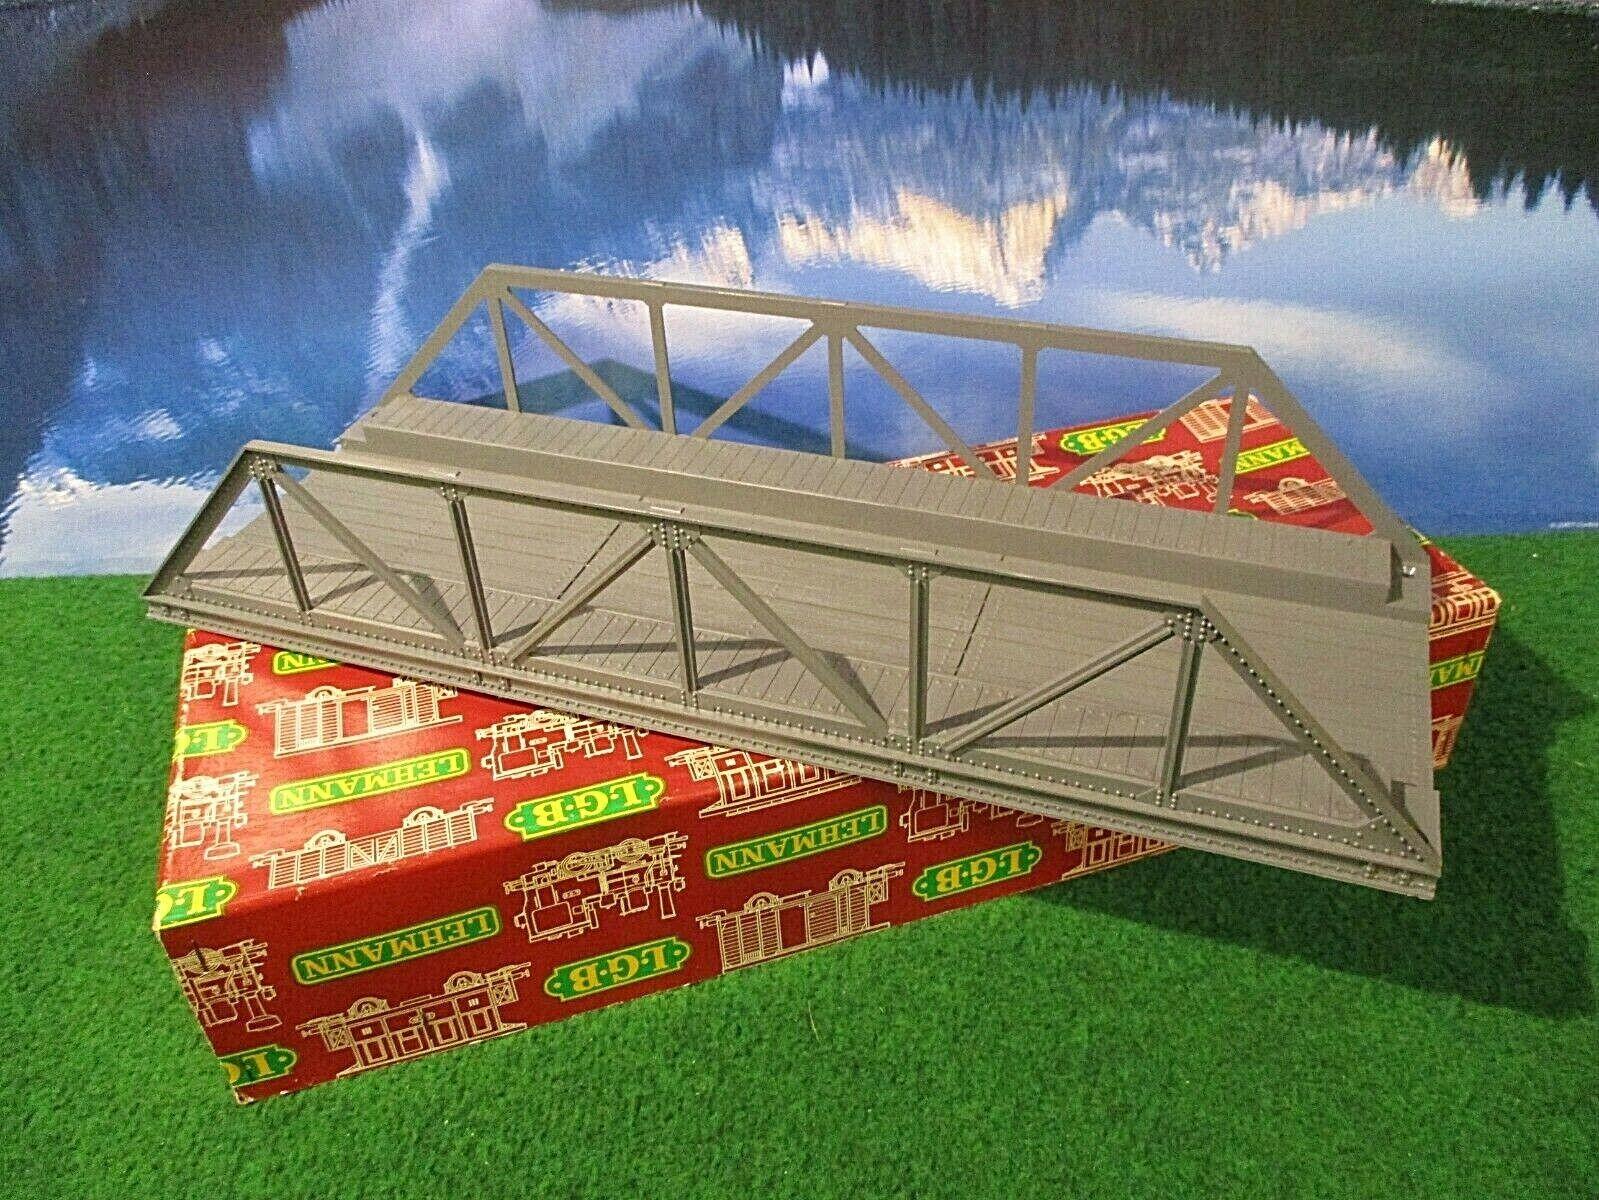 basso prezzo del 40% LGB 5060 Bridge     -MINT-  qualità garantita